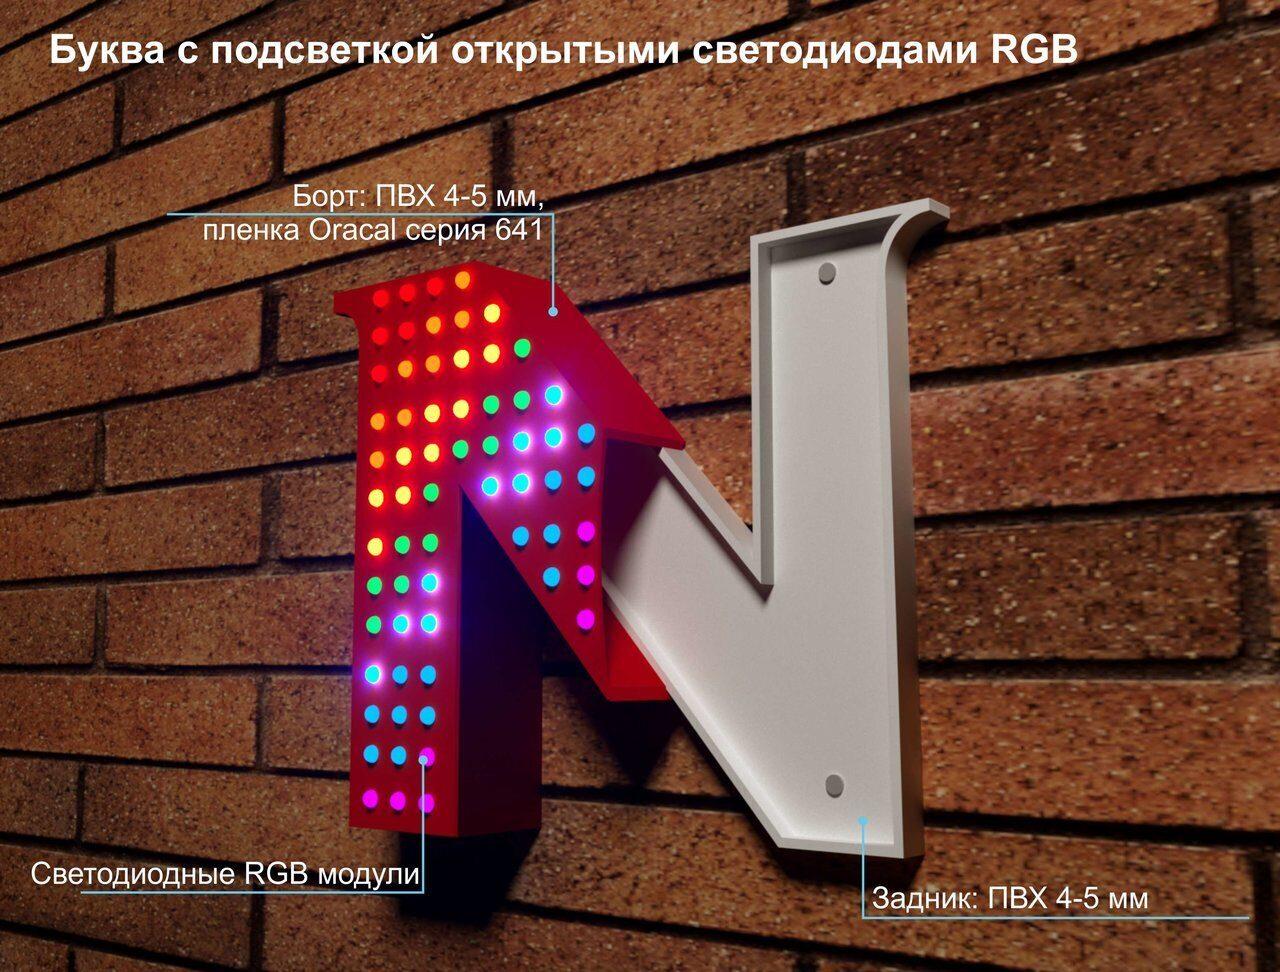 Буква с открытыми светодиодами RGB